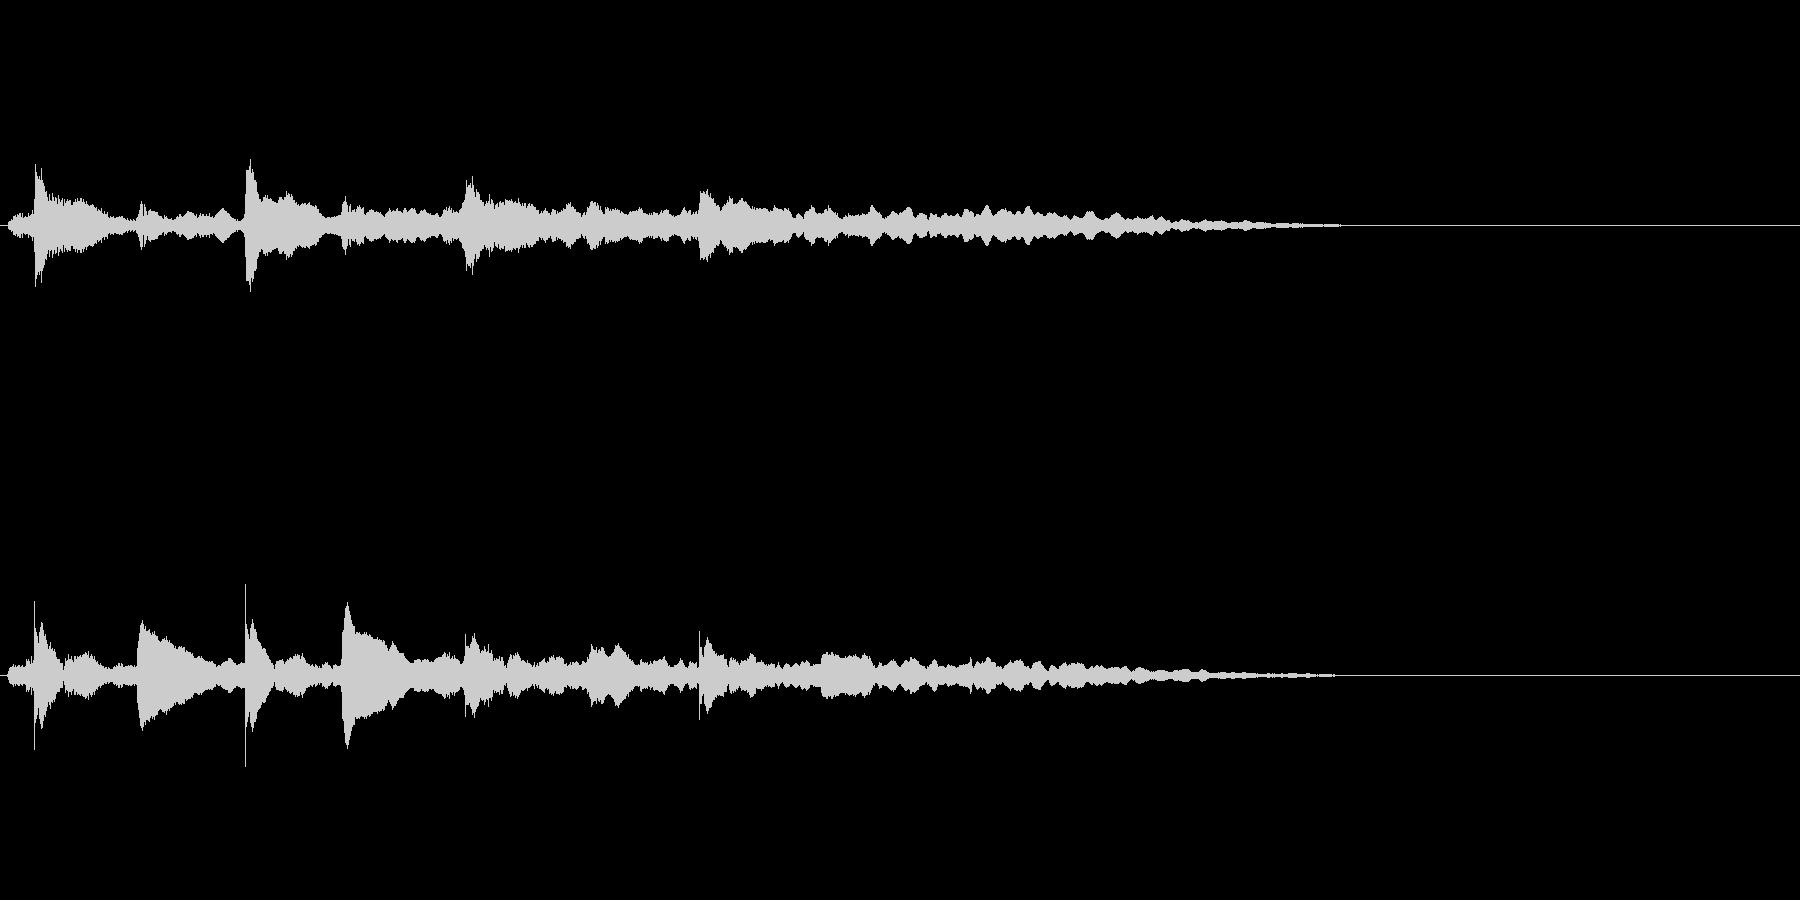 【ロゴ、ジングル】ピアノ03の未再生の波形